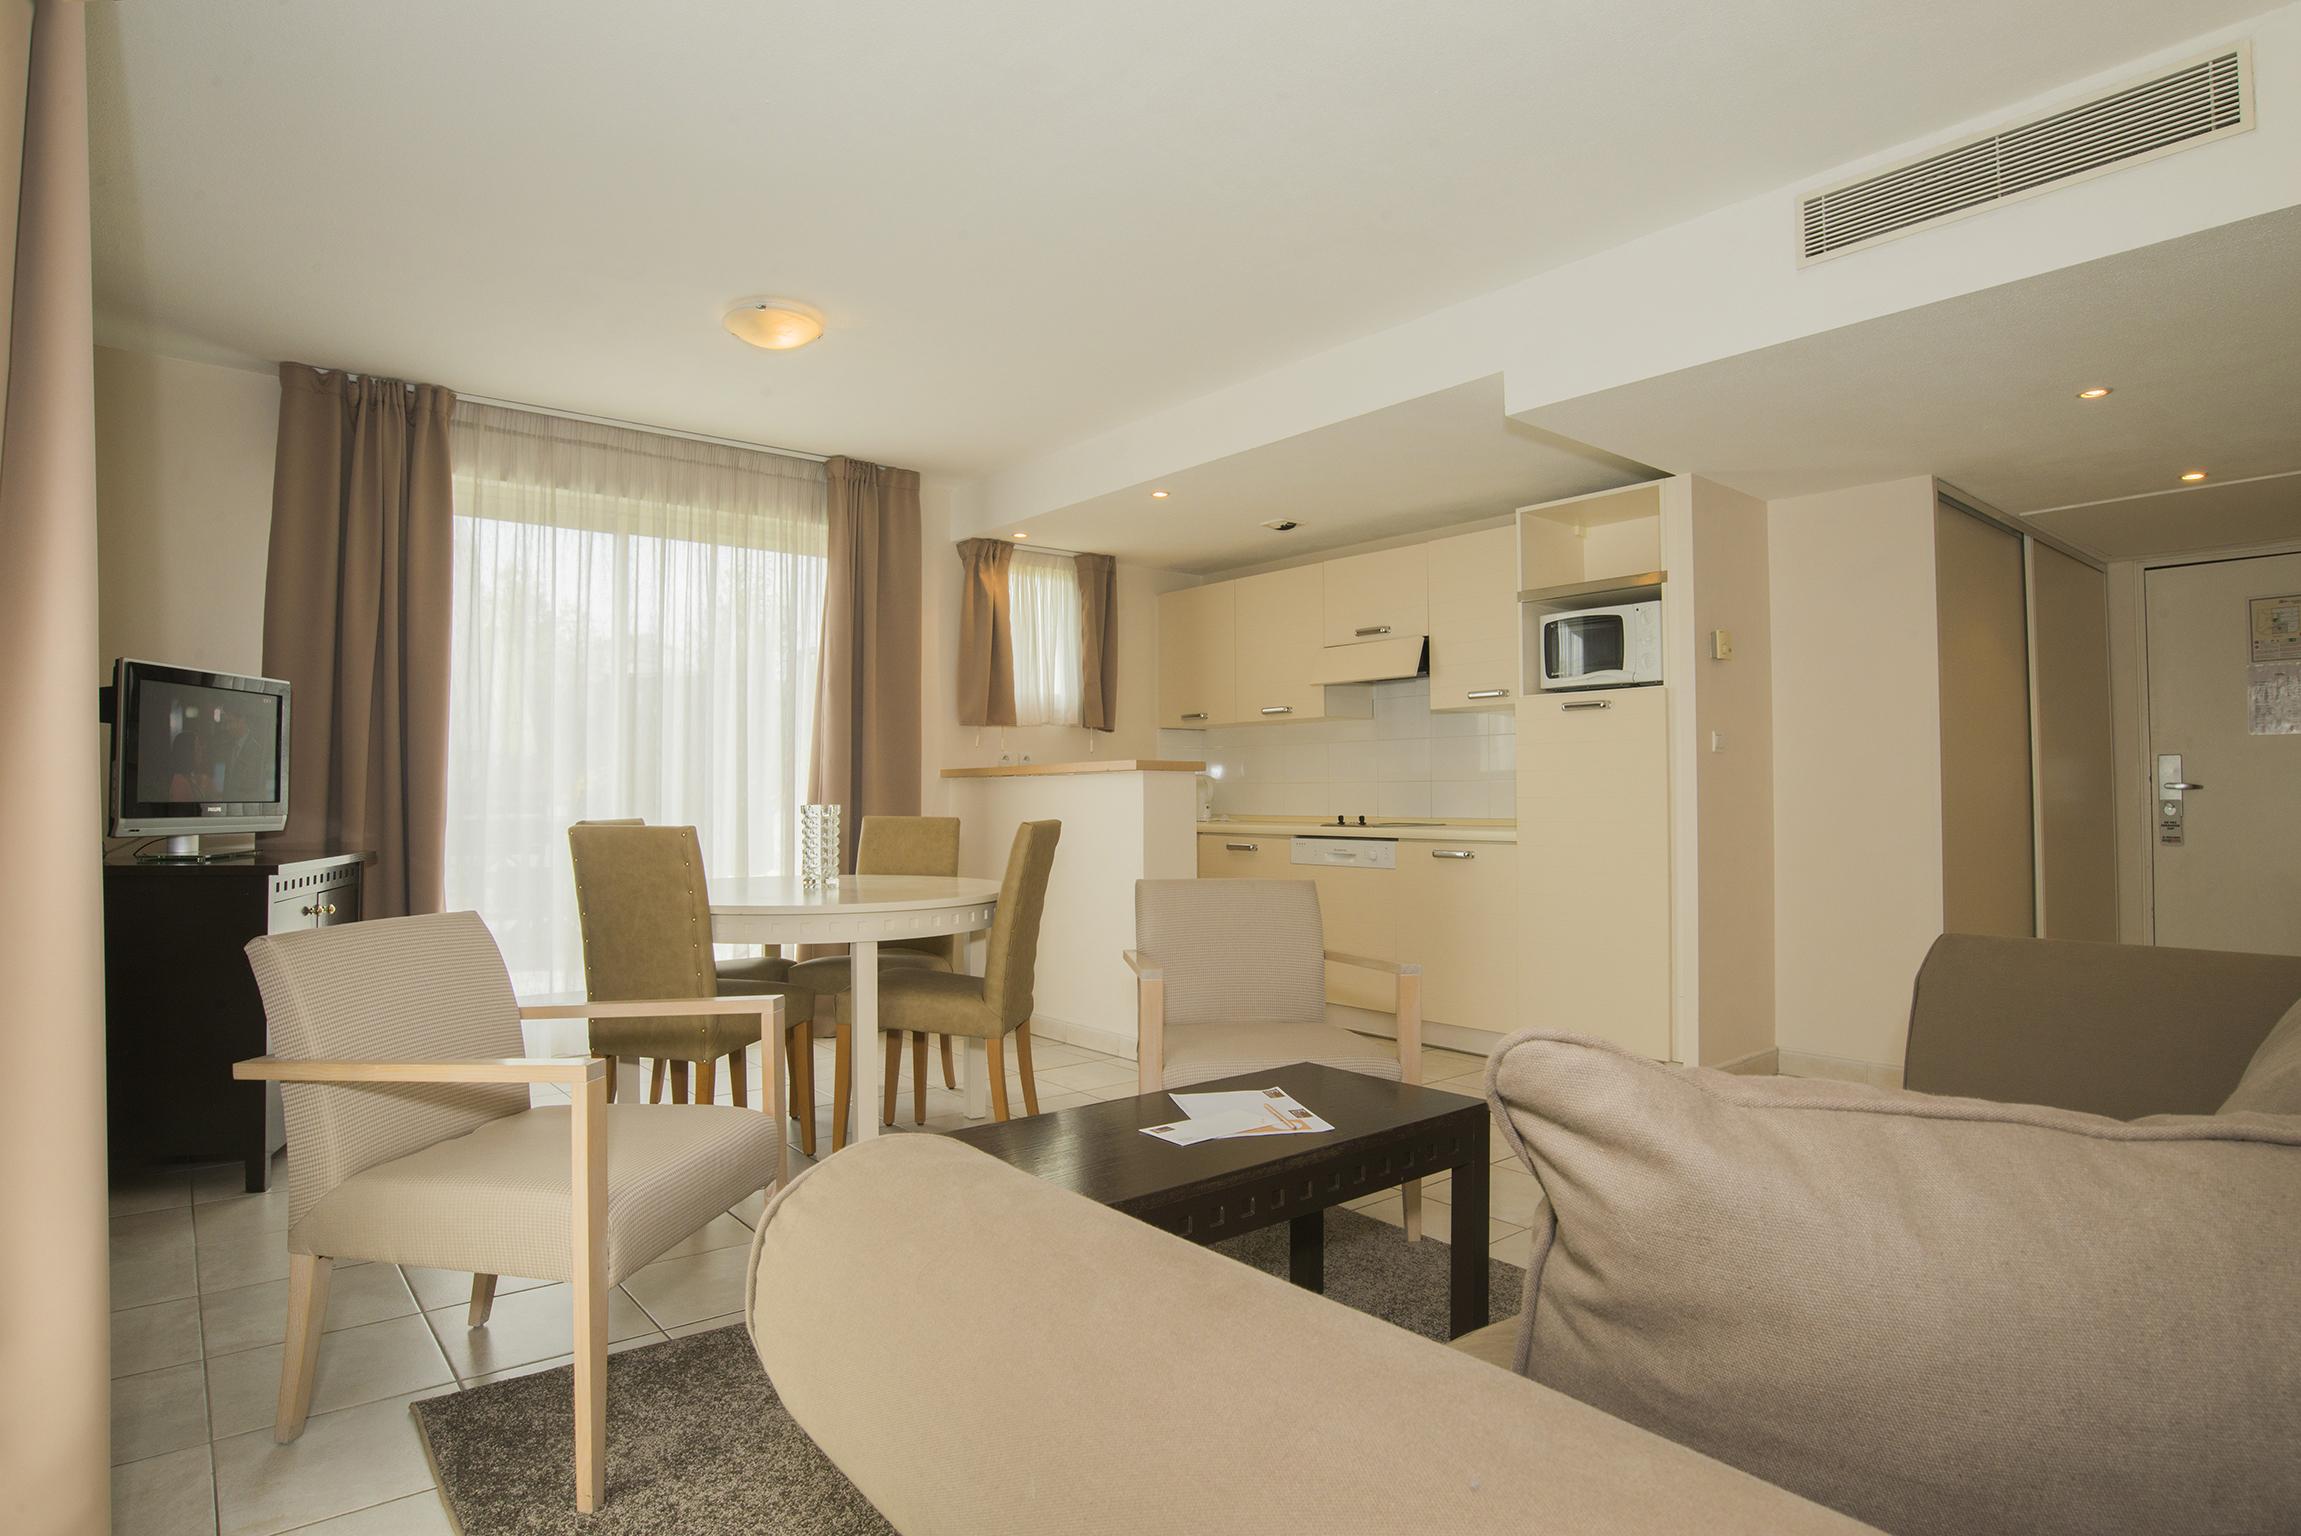 excel suites hotel DSC_3160 ok web